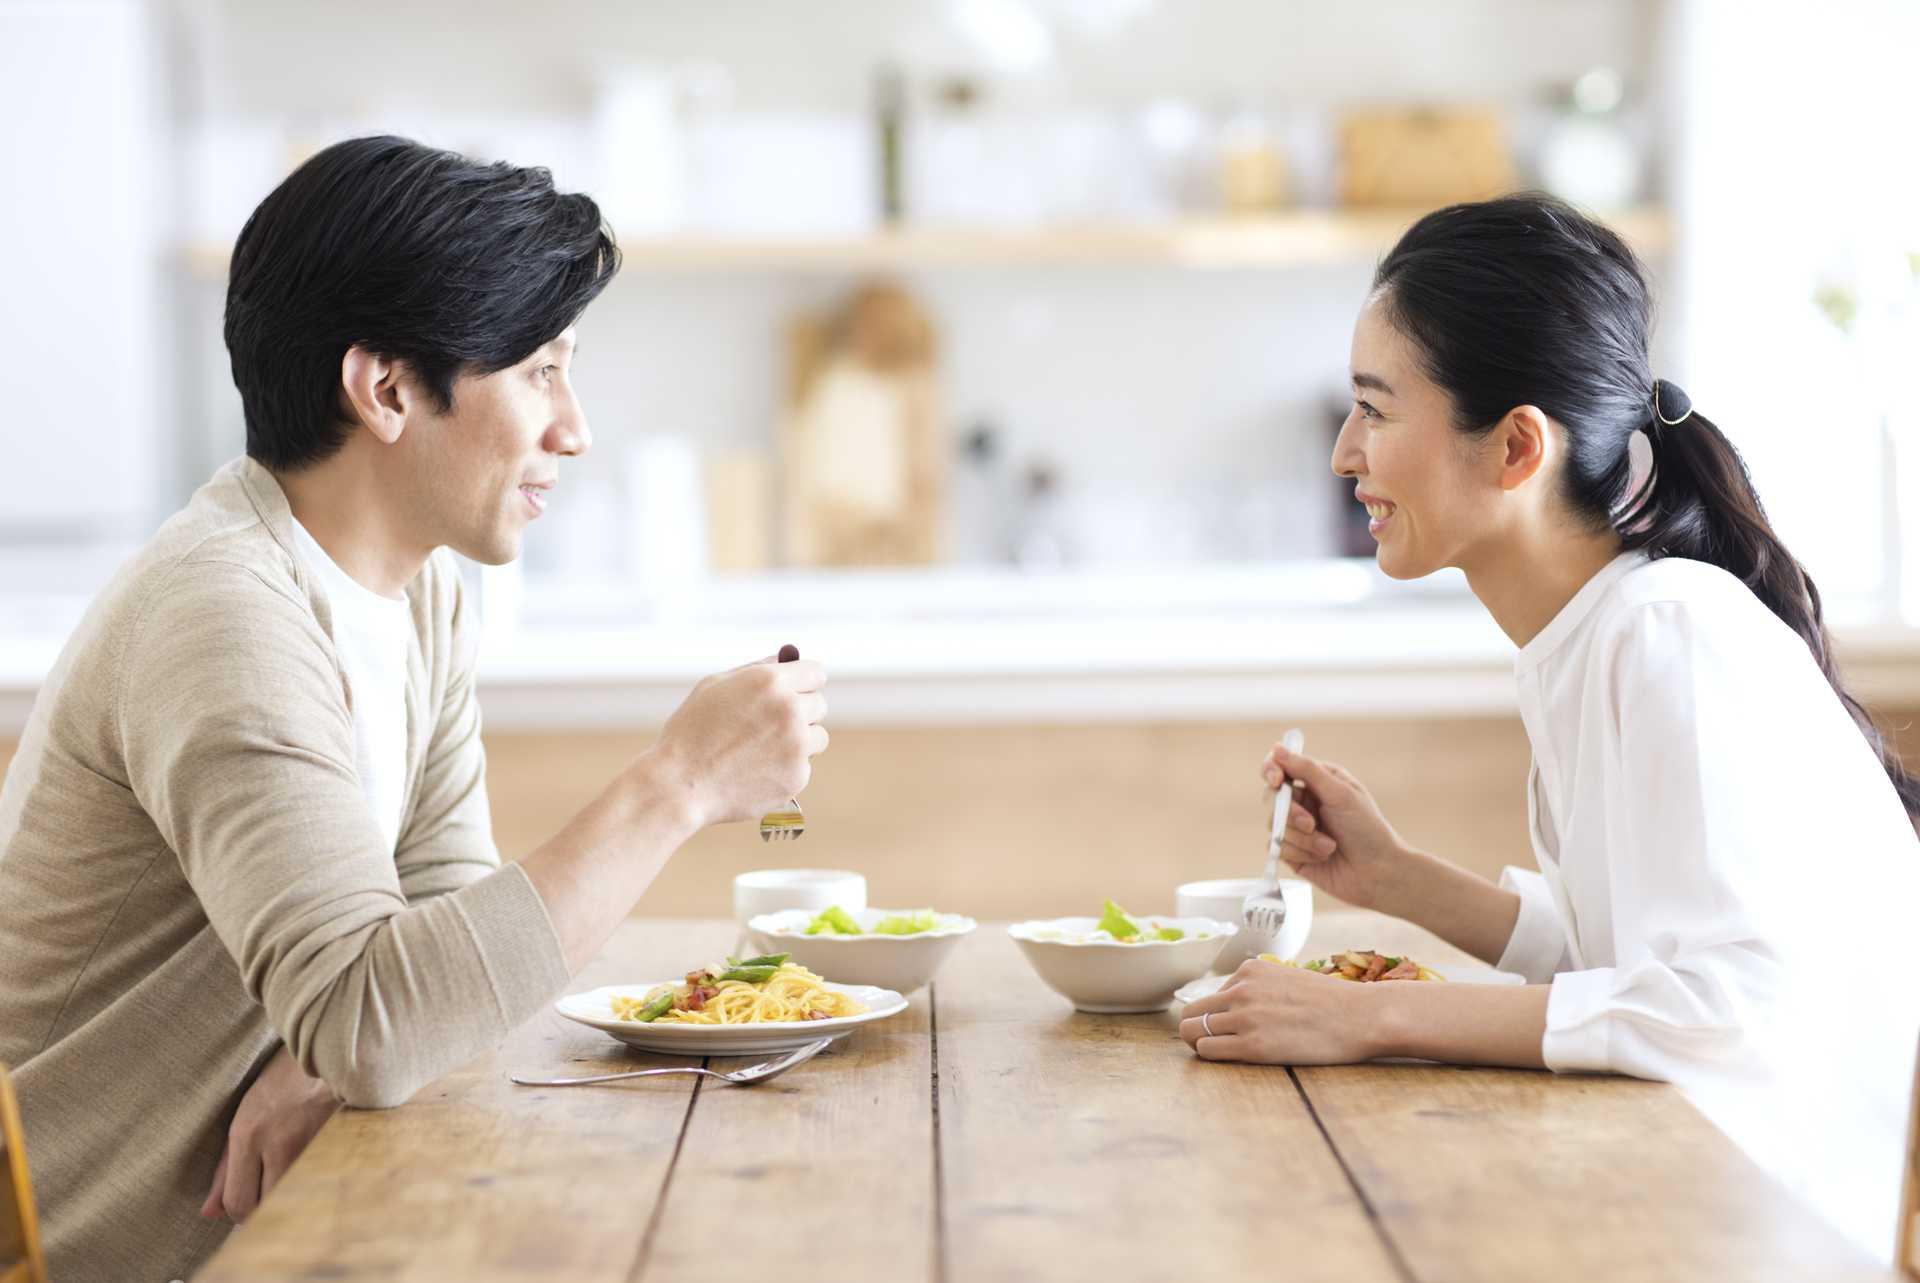 「嬉しそうだね」と言われると、本当に嬉しくなる。 | 人から愛される30の言葉の習慣